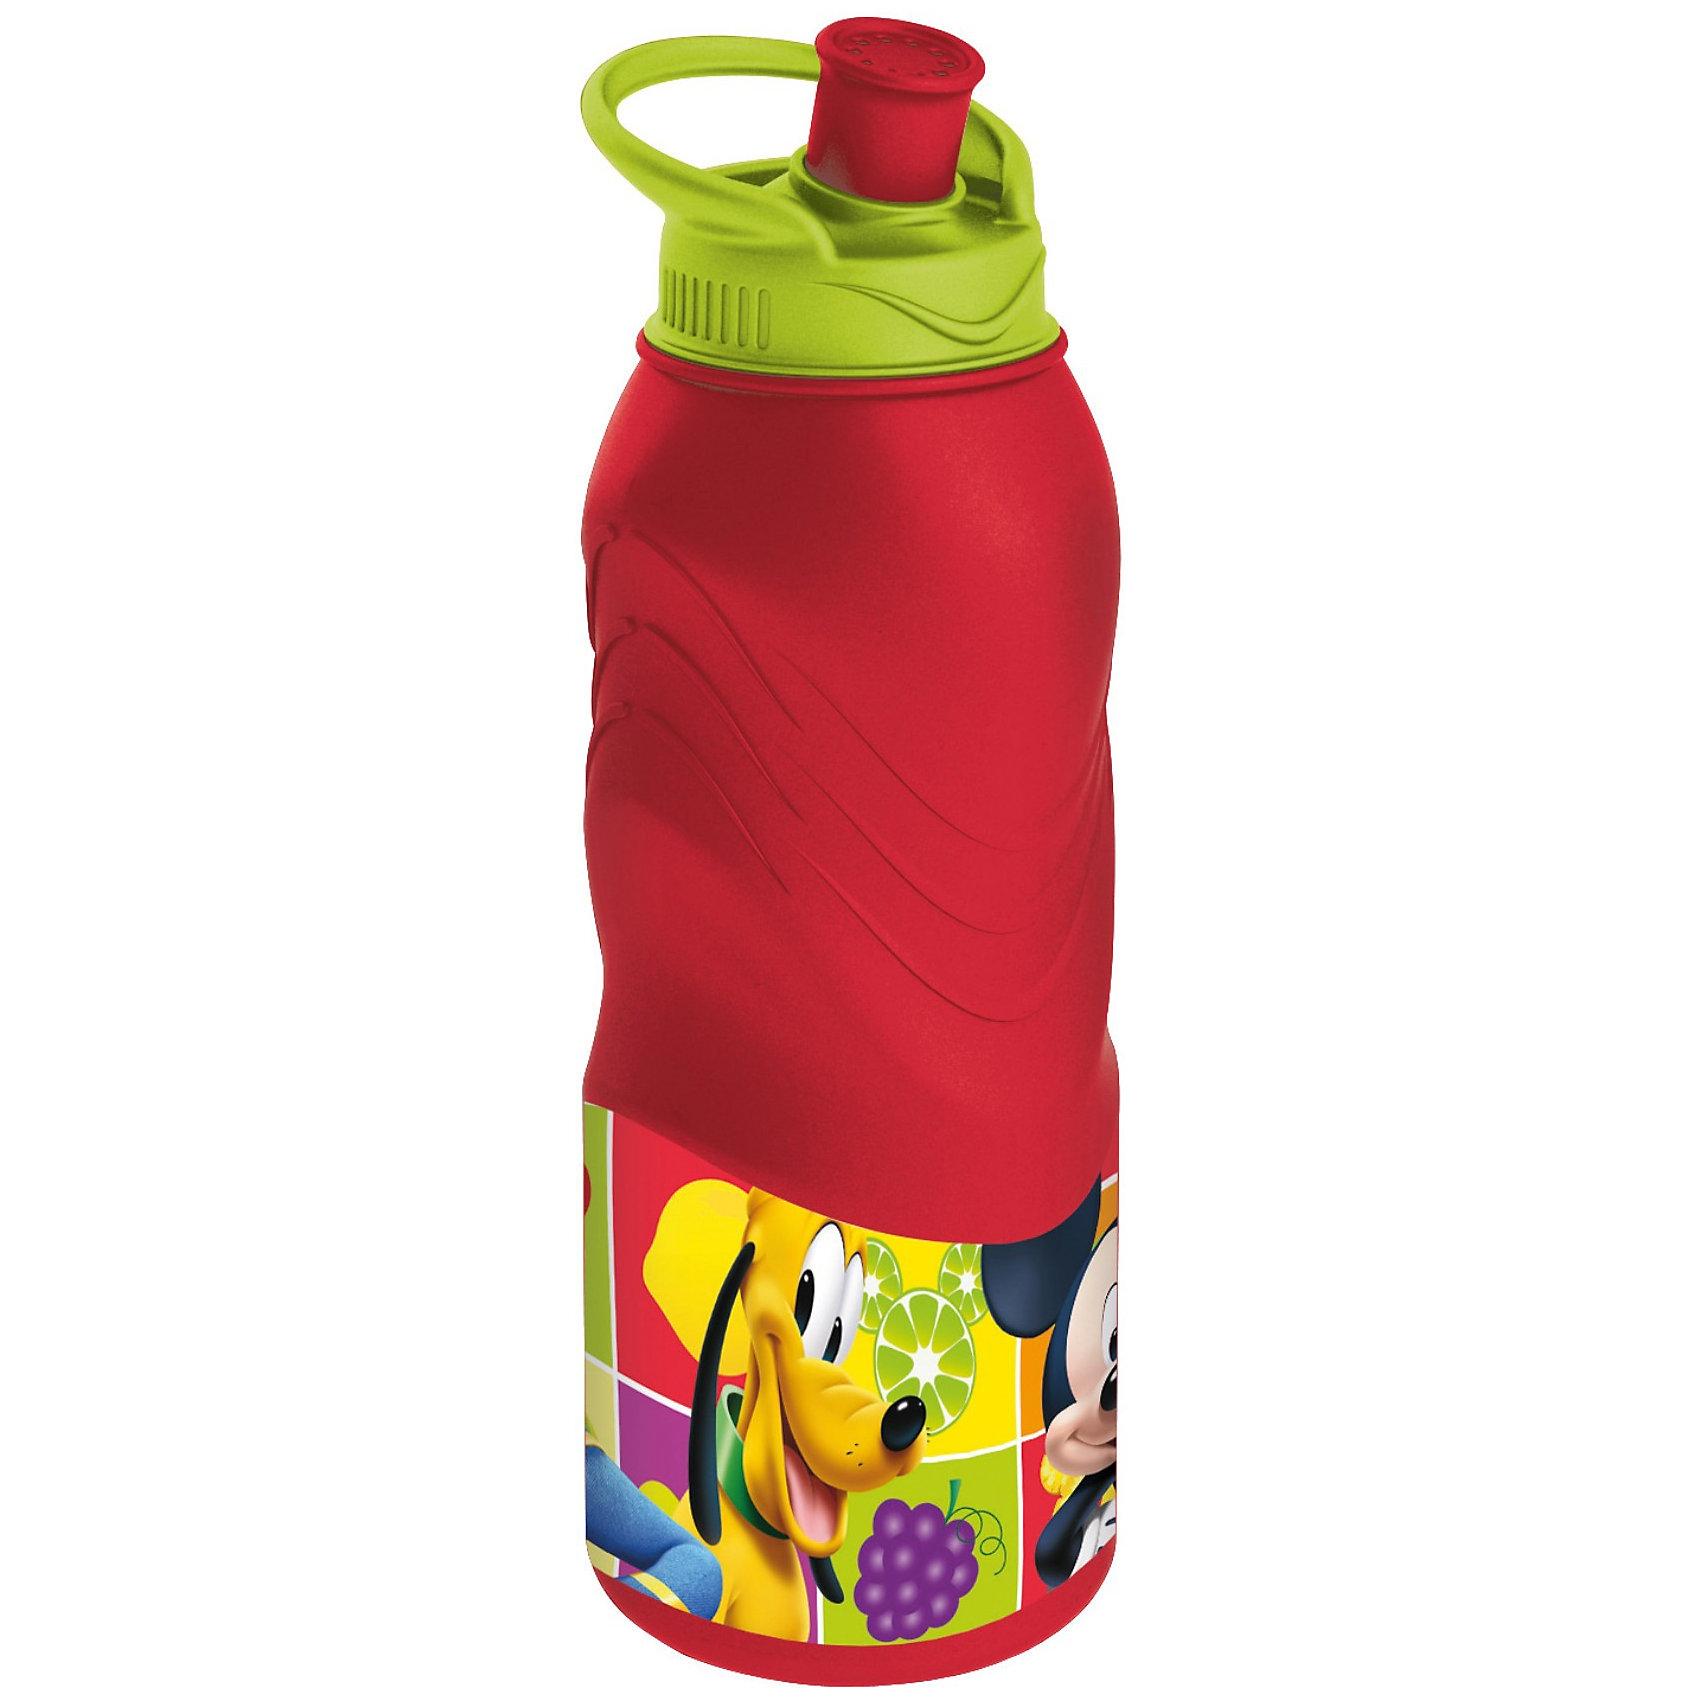 Бутылка спортивная (400 мл), Микки МаусБутылка спортивная (400 мл), Микки Маус станет приятным сюрпризом для поклонника мультфильма о Микки Маусе (Mickey Mouse).<br>Яркая спортивная бутылка, украшенная изображением популярного диснеевского персонажа Микки Мауса, обязательно понравится Вашему малышу и будет просто незаменима во время спортивных тренировок. Её специальная конструкция не позволяет воде пролиться во время питья. Компактную бутылочку удобно брать с собой на прогулки, в походы или в школу. Ребенок с удовольствием будет пить из этой бутылки, а жизнерадостная картинка подарит ему хорошее настроение.<br><br>Дополнительная информация:<br><br>- Материал: высококачественный пластик<br>- Объем: 400 мл.<br>- Размер: 208 х 58 х 62 мм.<br><br>Бутылку спортивную (400 мл), Микки Маус можно купить в нашем интернет-магазине.<br><br>Ширина мм: 62<br>Глубина мм: 58<br>Высота мм: 208<br>Вес г: 68<br>Возраст от месяцев: 12<br>Возраст до месяцев: 120<br>Пол: Унисекс<br>Возраст: Детский<br>SKU: 3777942